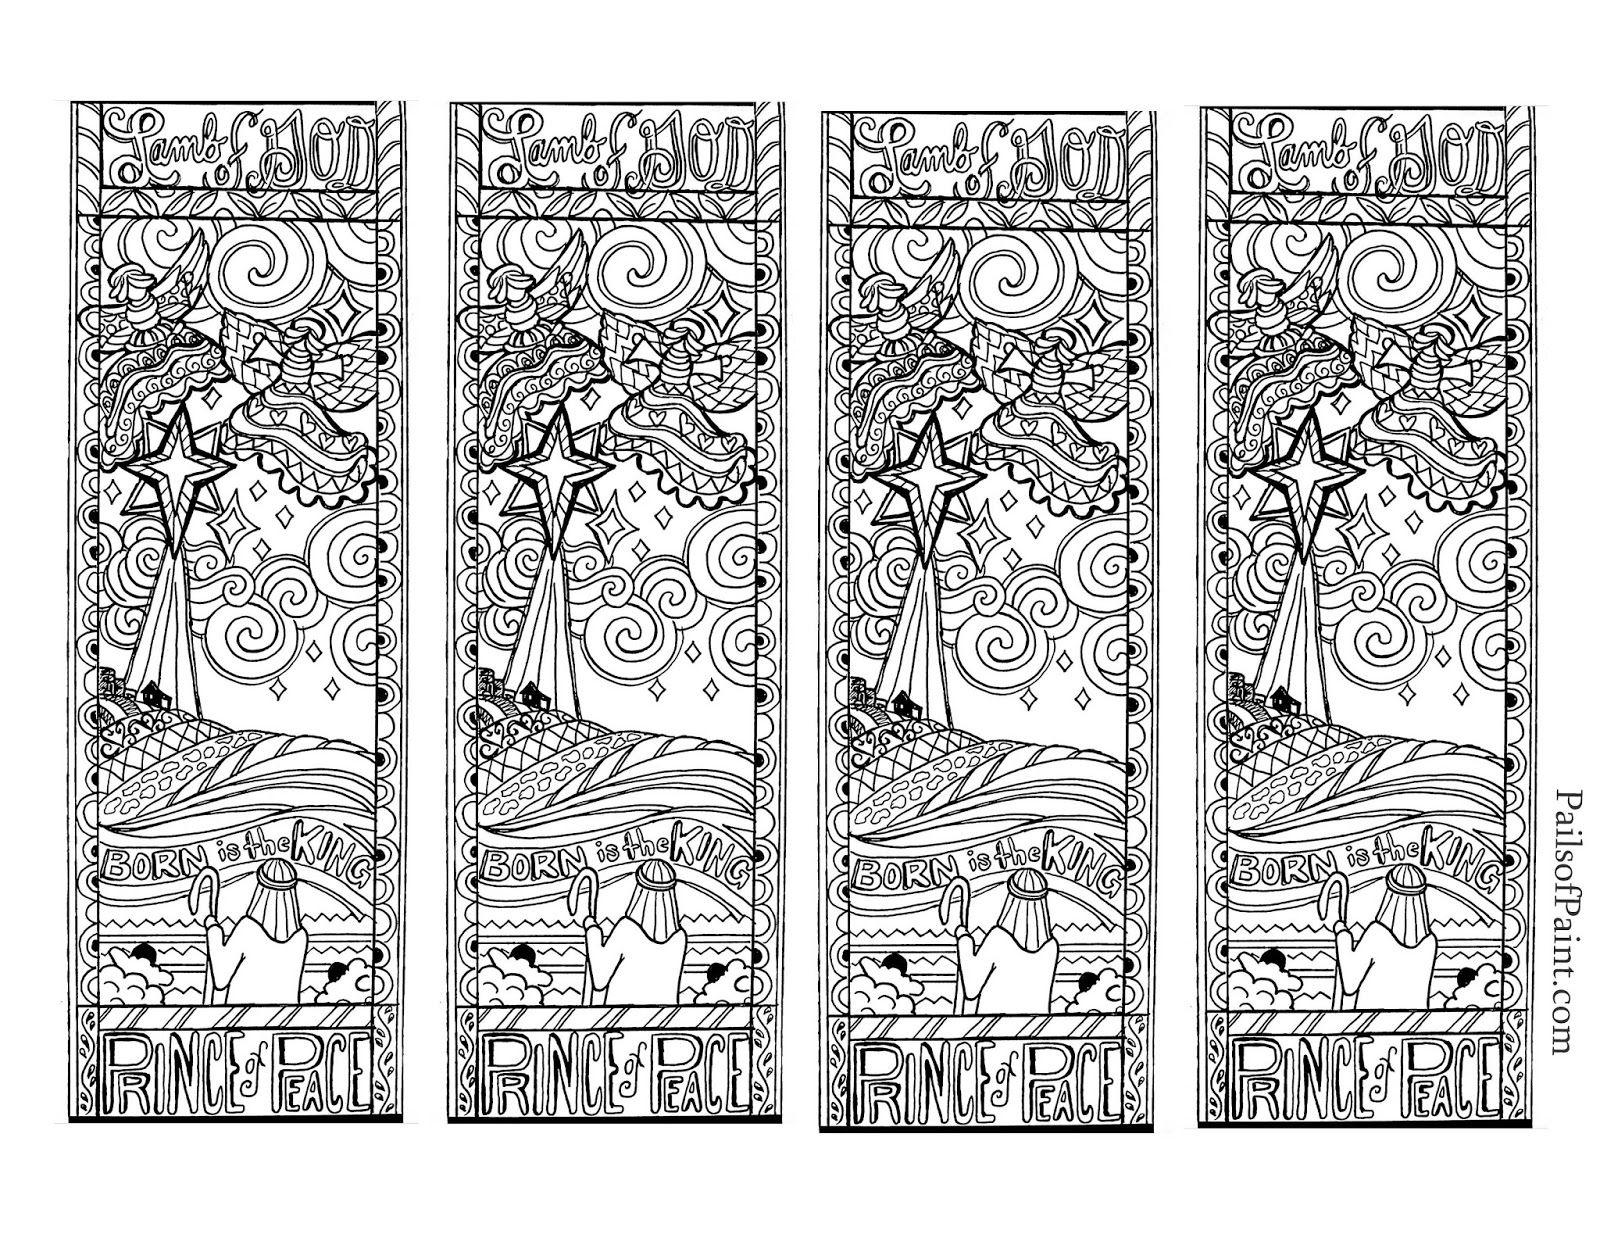 Free Printable Bookmarks For Christmas – Festival Collections - Free Printable Bookmarks For Christmas